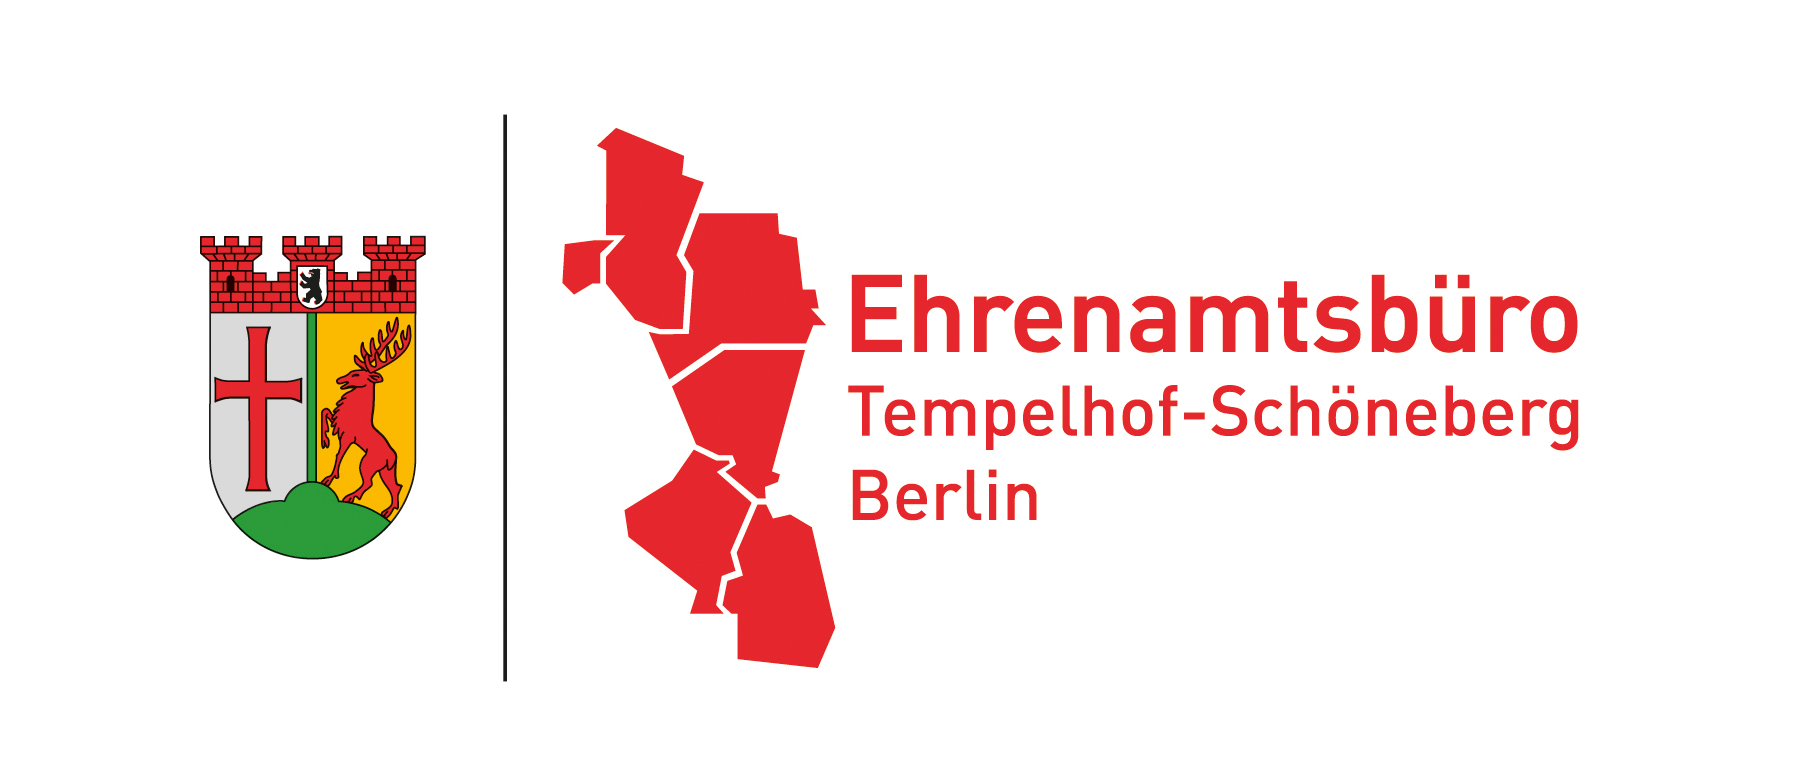 Ehrenamtsbüro Tempelhof-Schöneberg Berlin